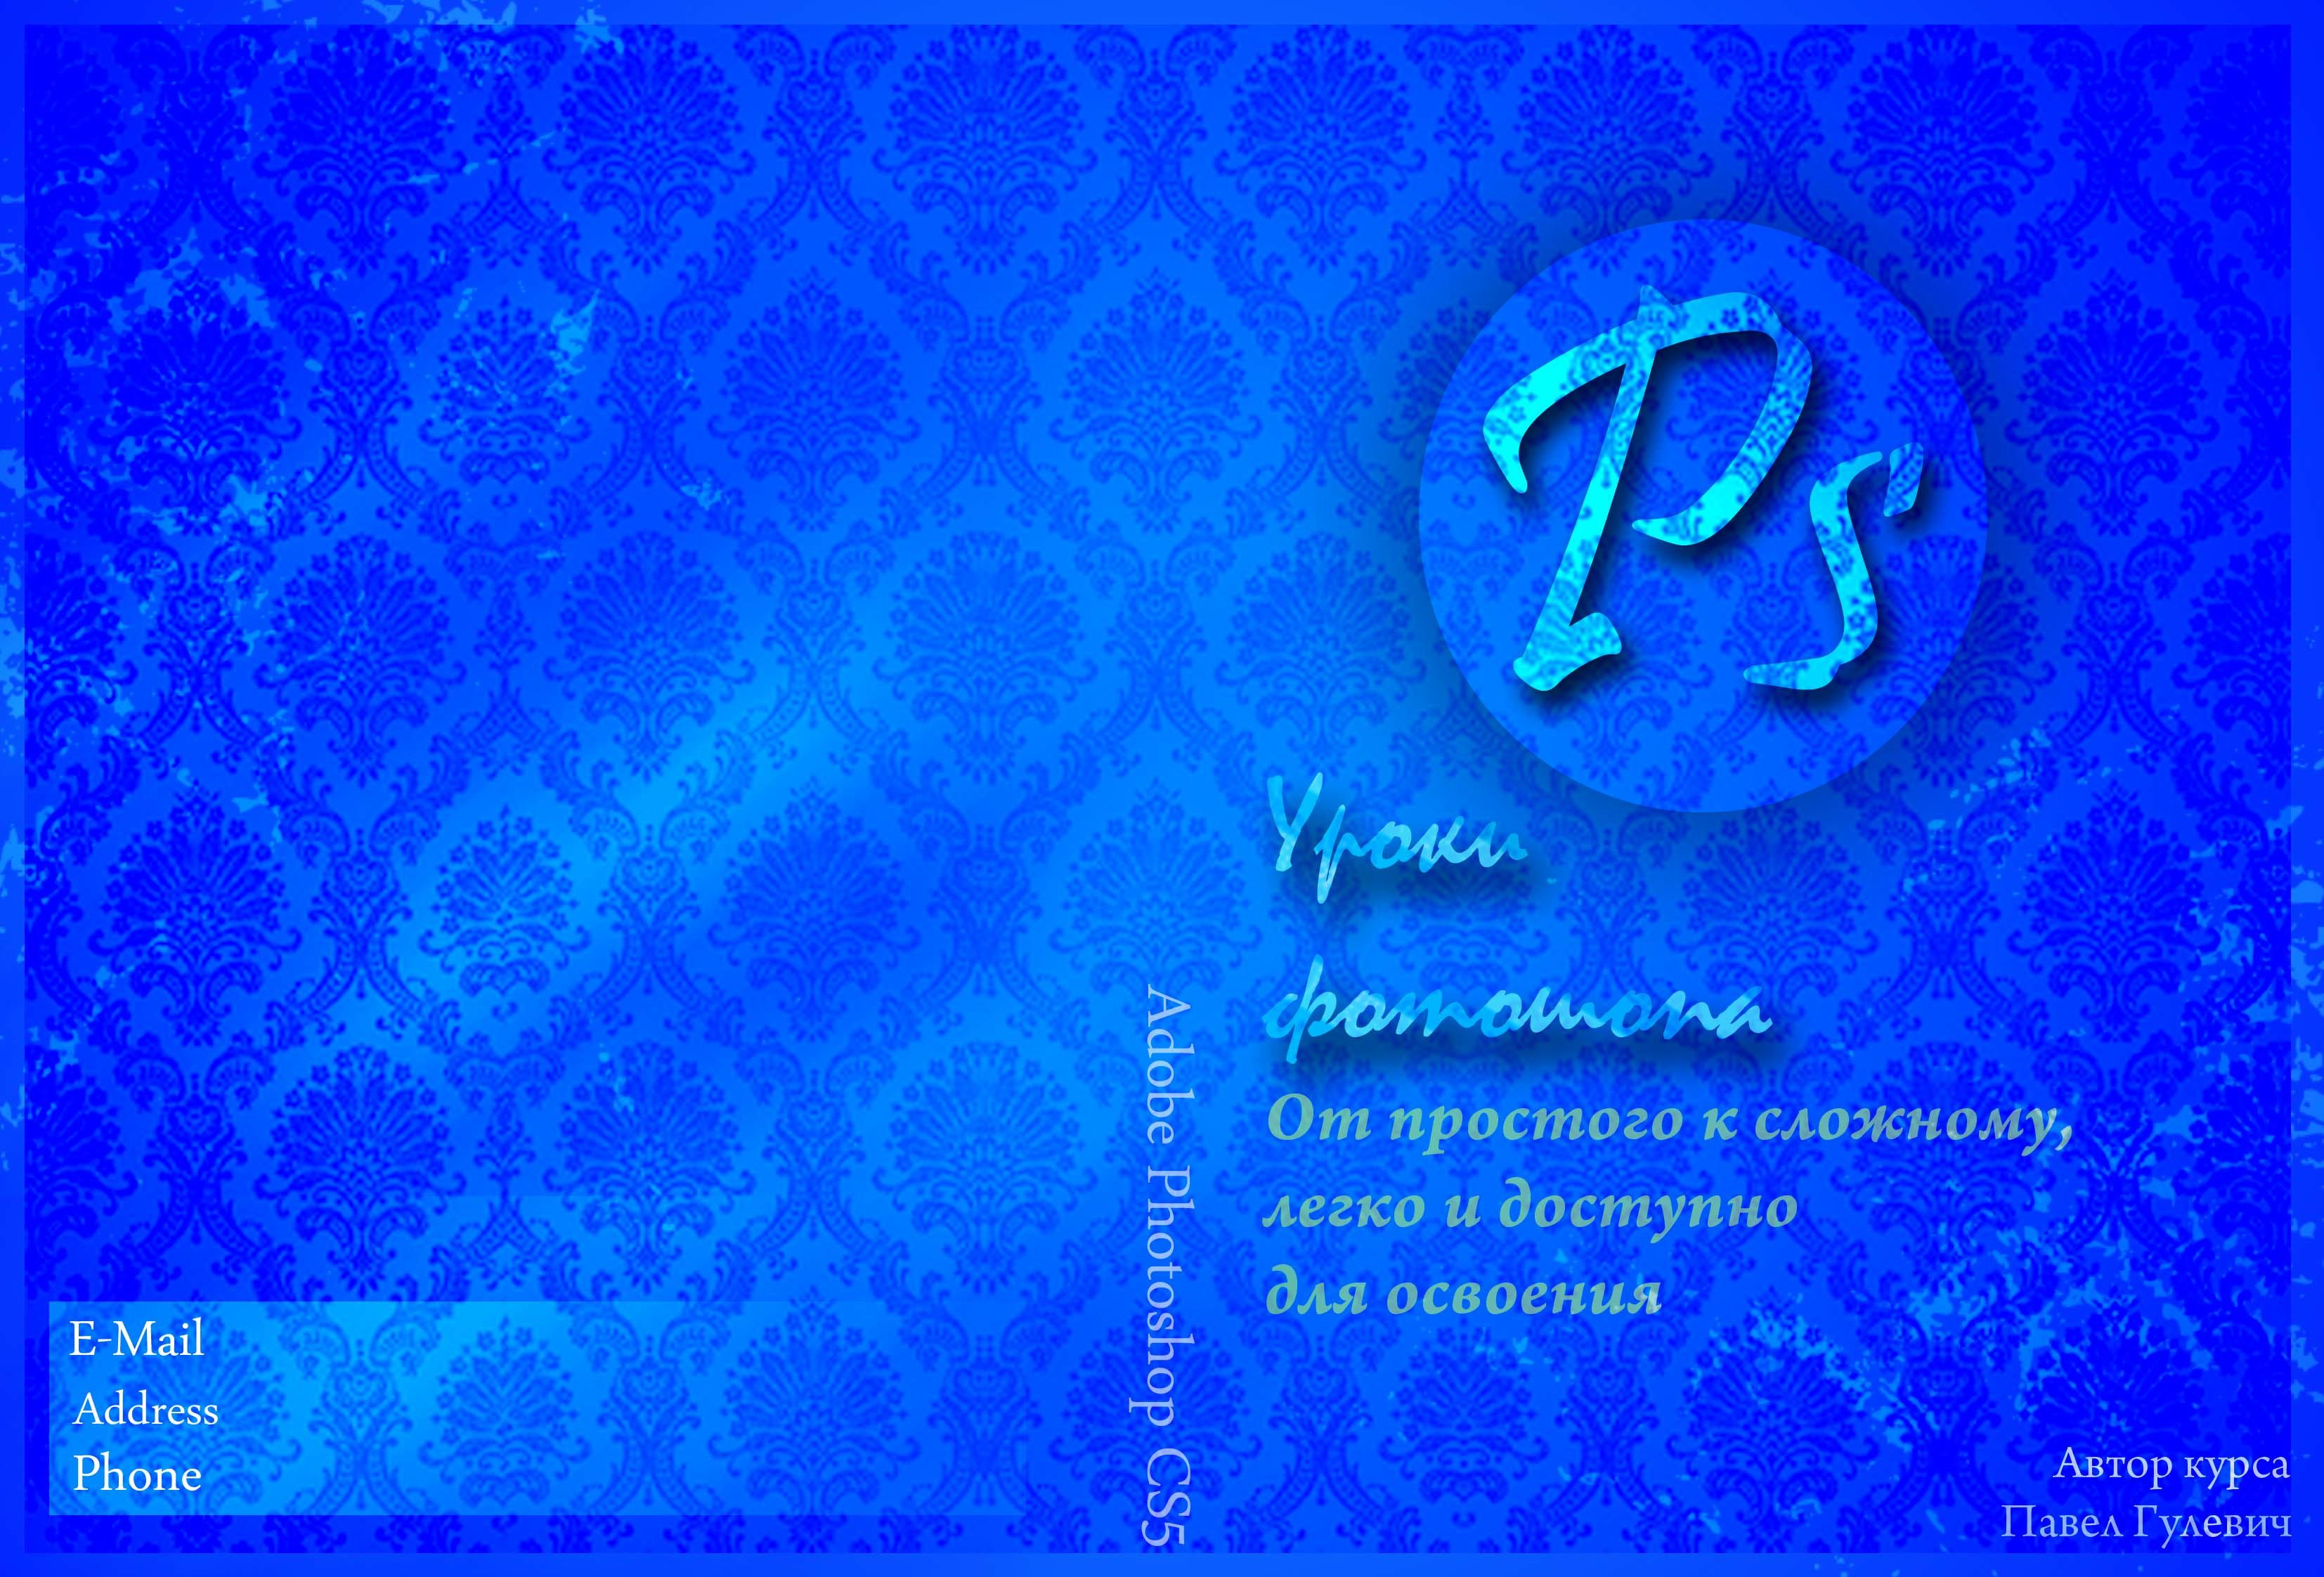 Создание дизайна DVD релиза (обложка, накатка, меню и т.п.) фото f_4d8a5987a595d.jpg